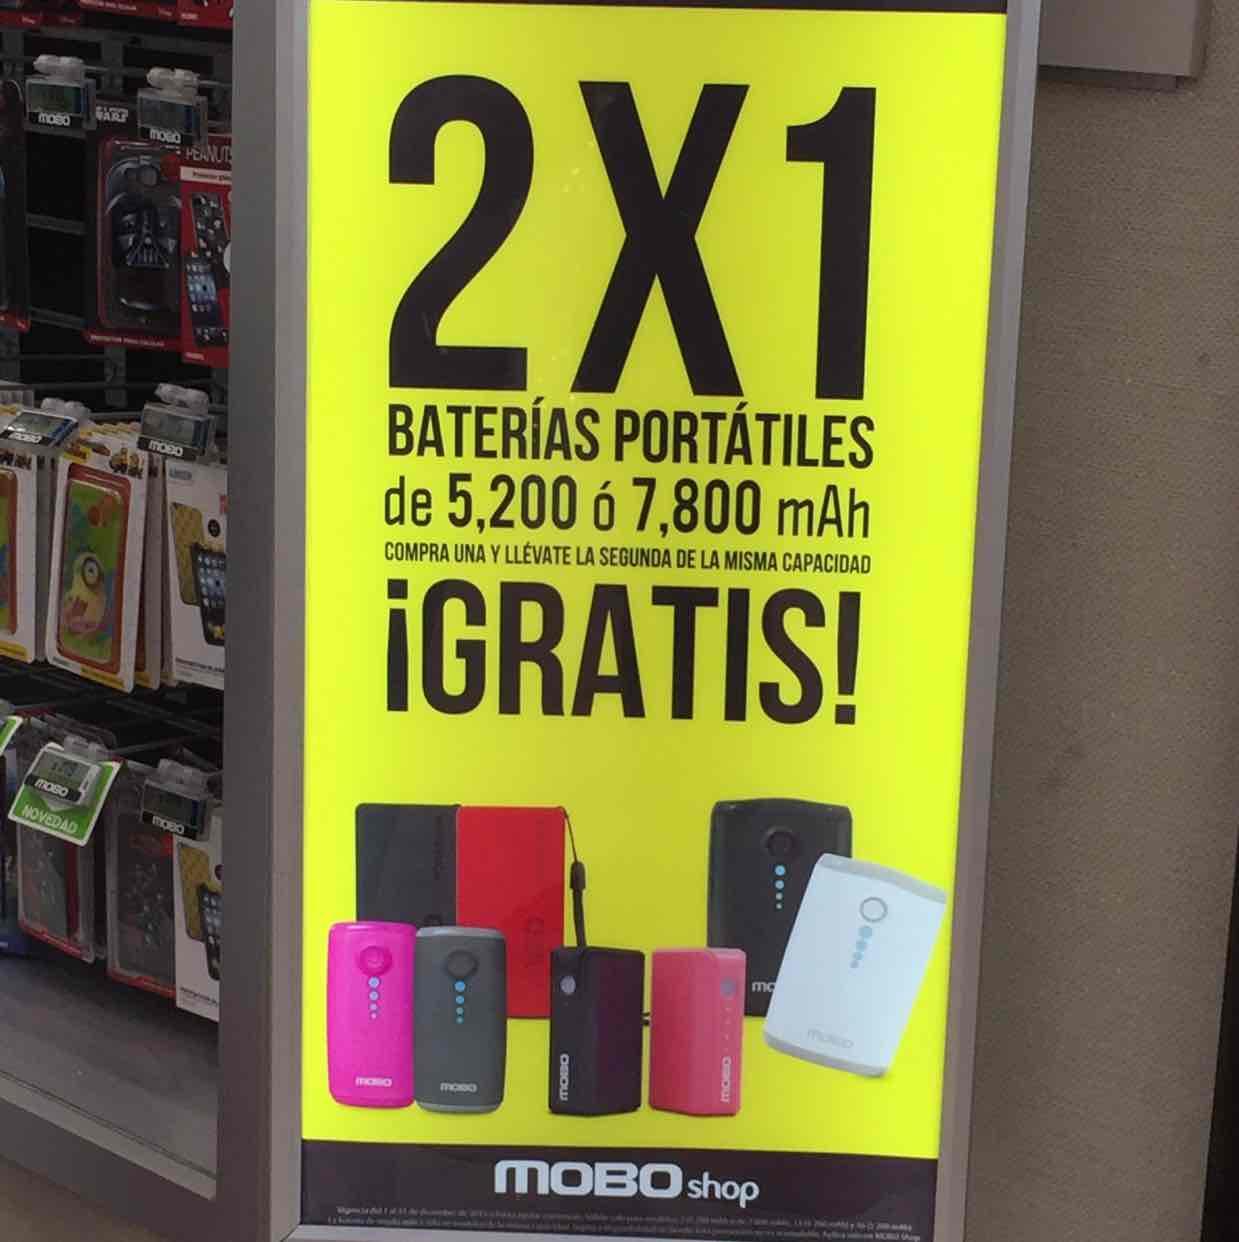 Mobo Shop: 2x1 en Baterías Portátiles Mobo